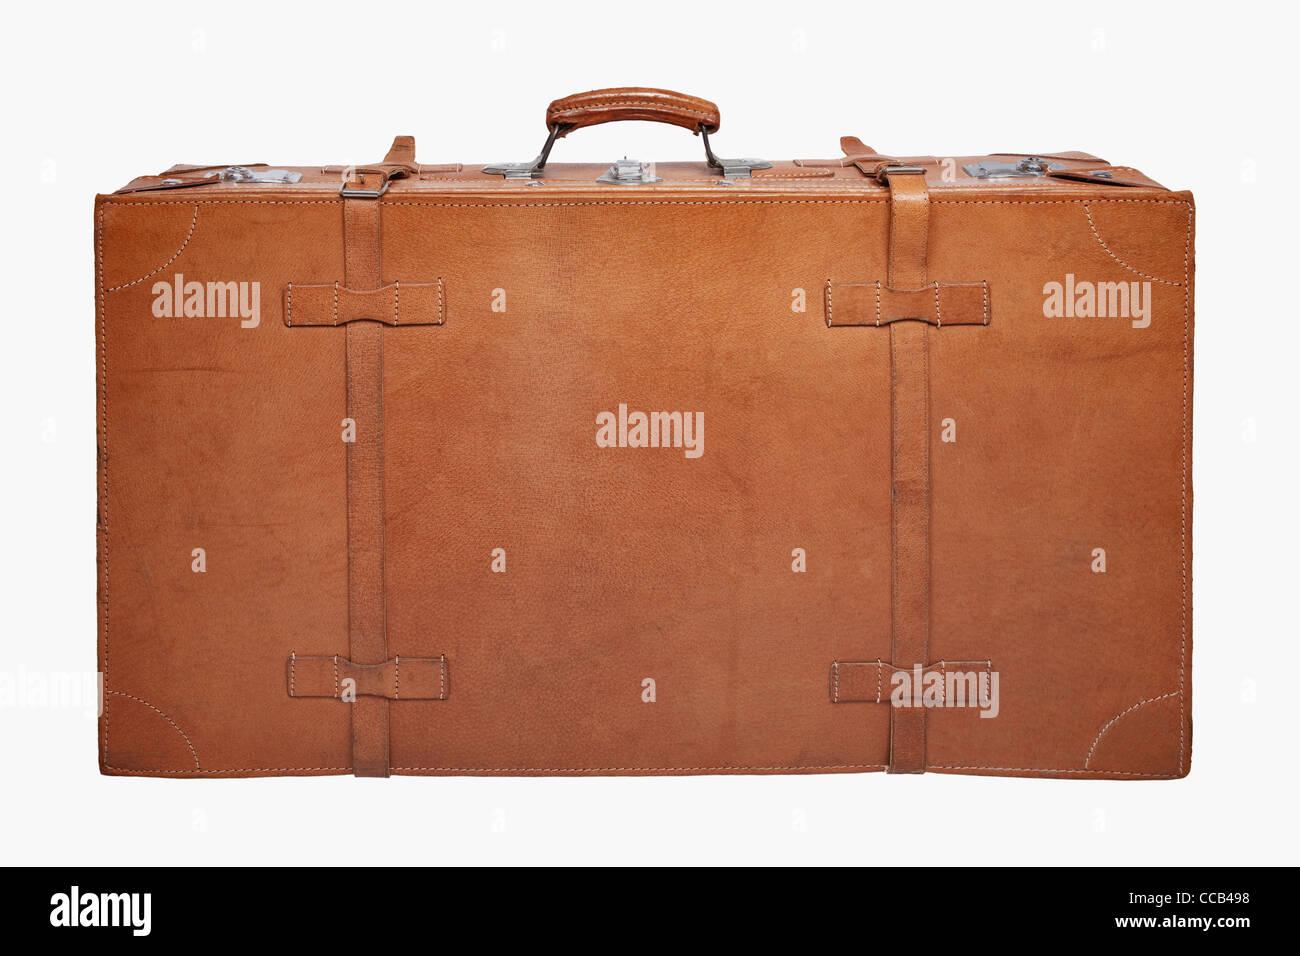 Detailansicht eines stehenden, alten braunen Lederkoffers   Detail photo of a old brown leather suitcase, upright - Stock Image